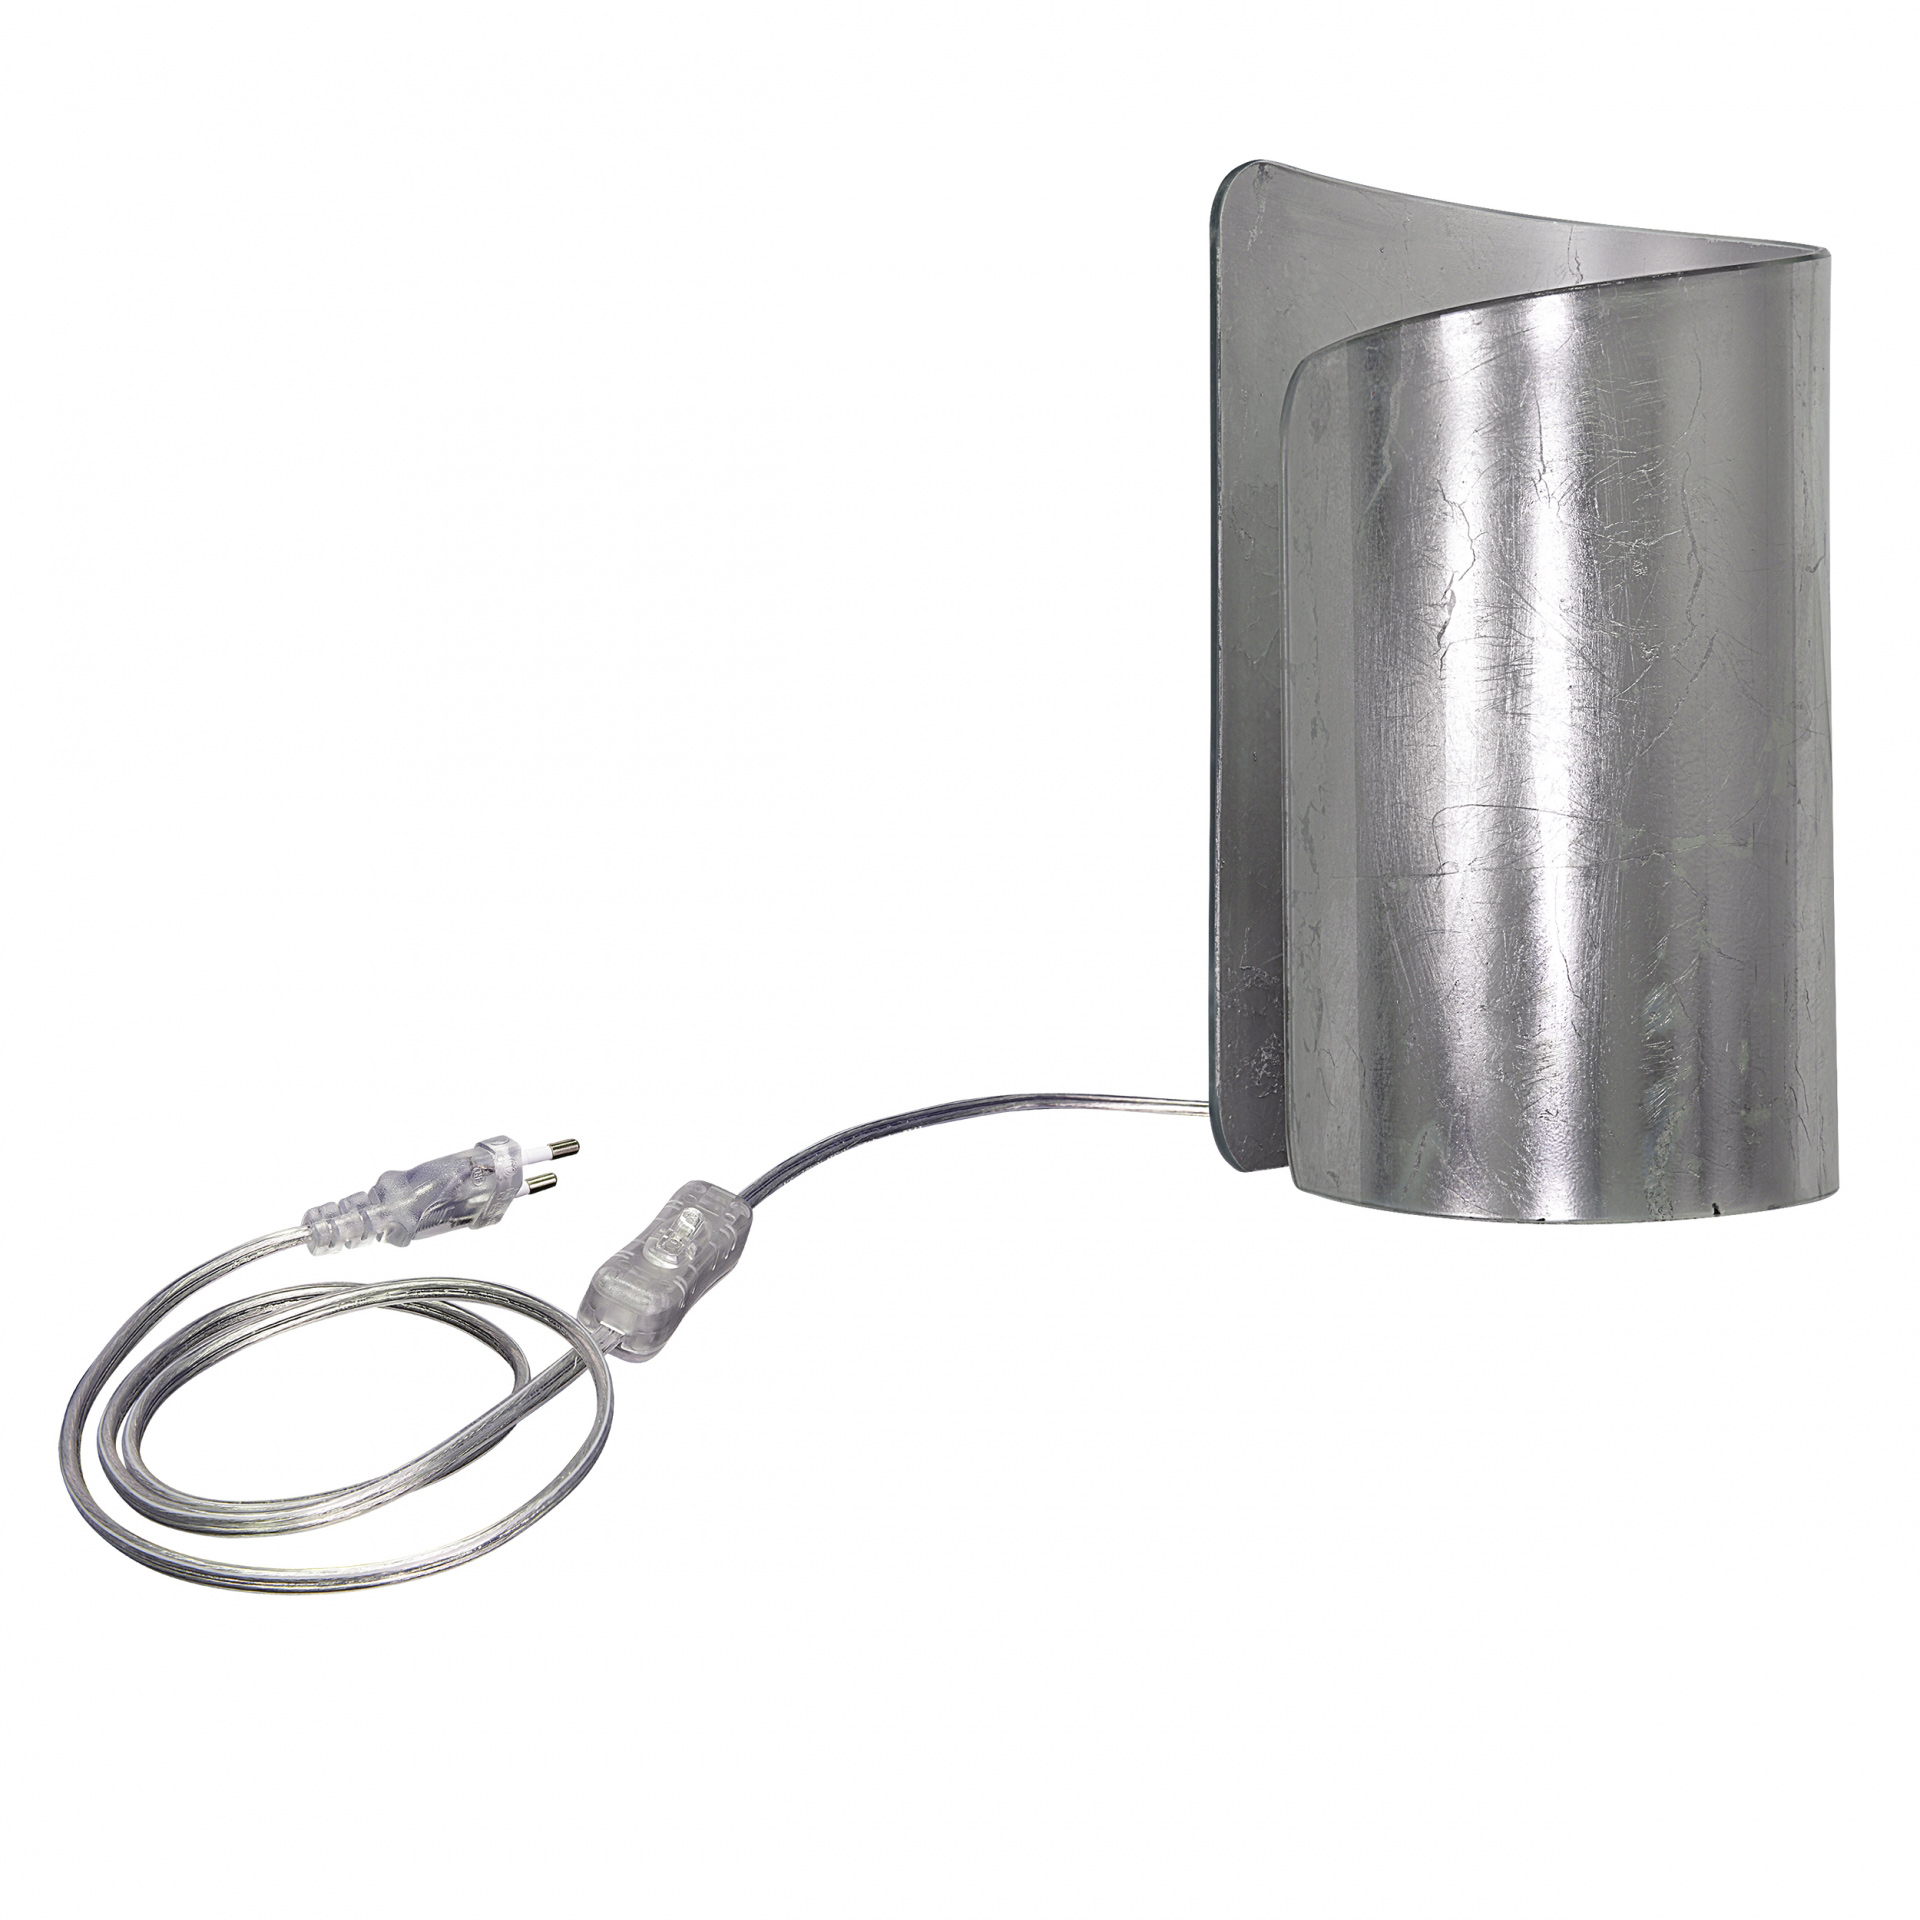 Настольная лампа Pittore 1х40W E27 silver Lightstar 811914, купить в СПб, Москве, с доставкой, Санкт-Петербург, интернет-магазин люстр и светильников Starlight, фото в жизни